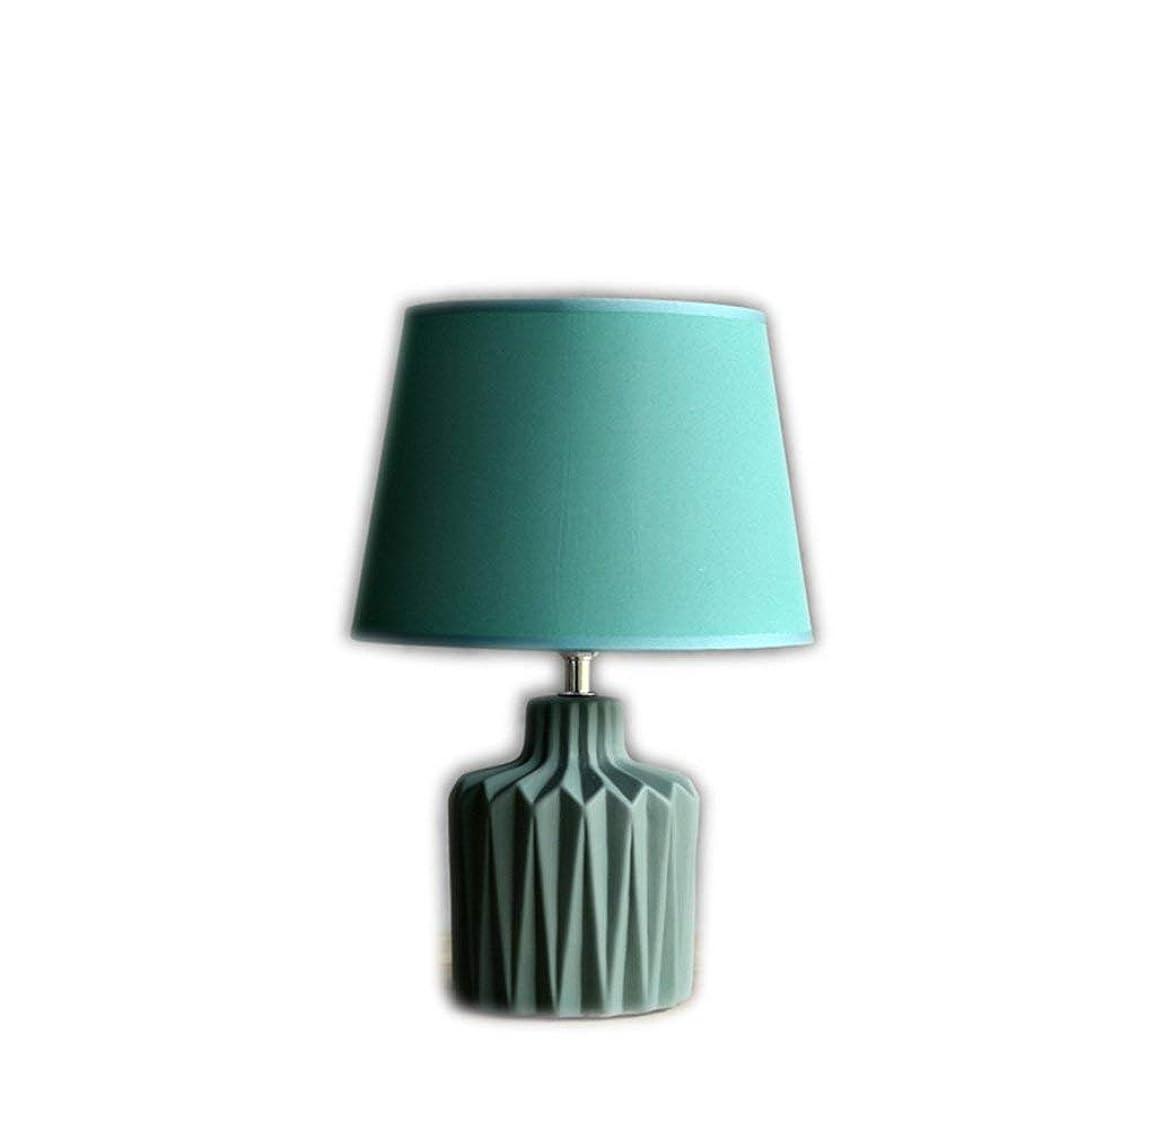 虎逆さまに出しますセラミック小さなテーブルランプ、寝室セラミックシンプルなテーブルランプ創造的なモダンなミニマリストのベッドサイドランプ